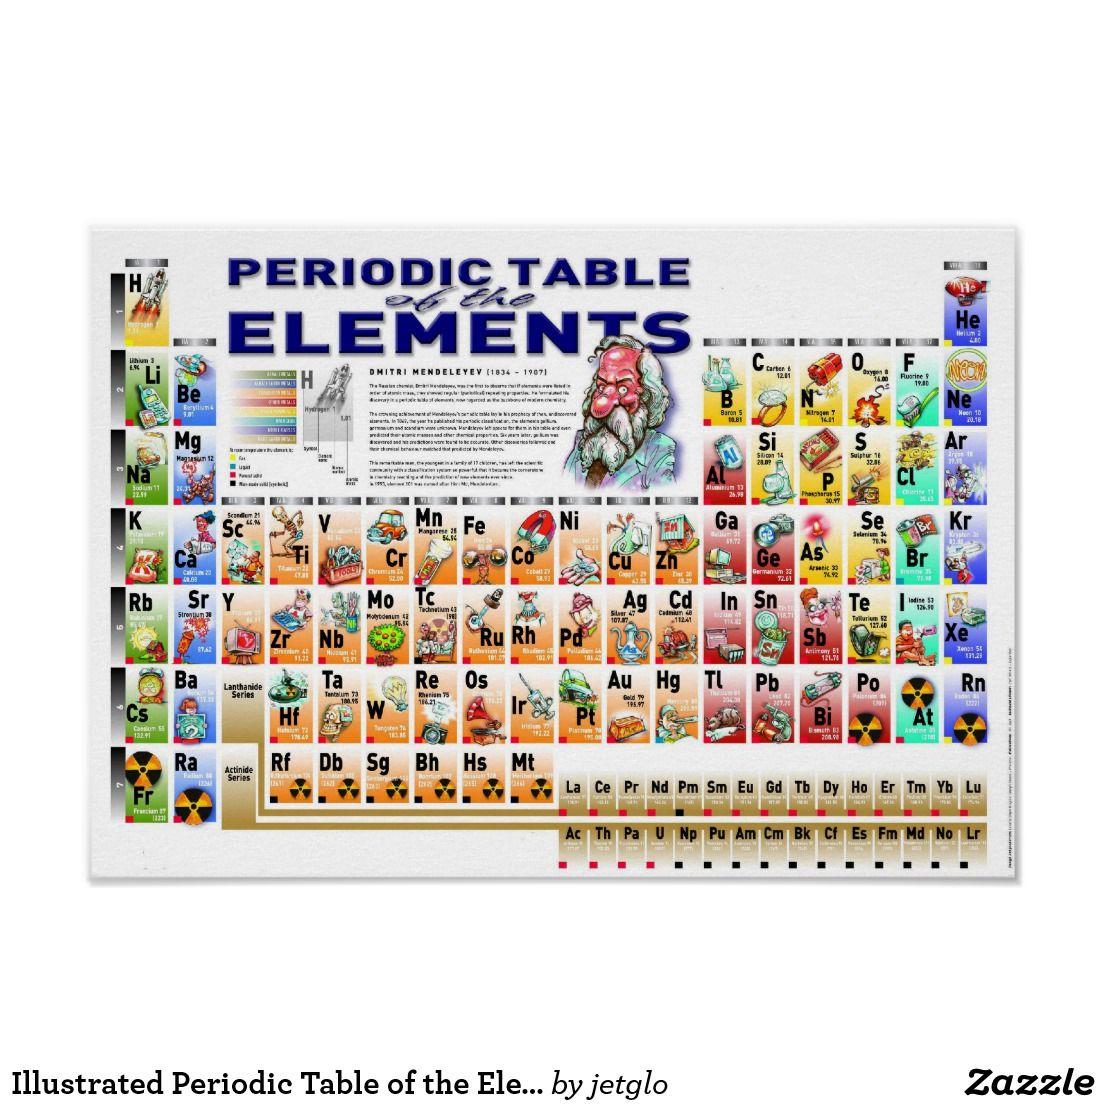 Una tabla peridica ilustrada de los elementos incluye una explore periodic elements periodic table and more una tabla peridica ilustrada de los elementos urtaz Image collections